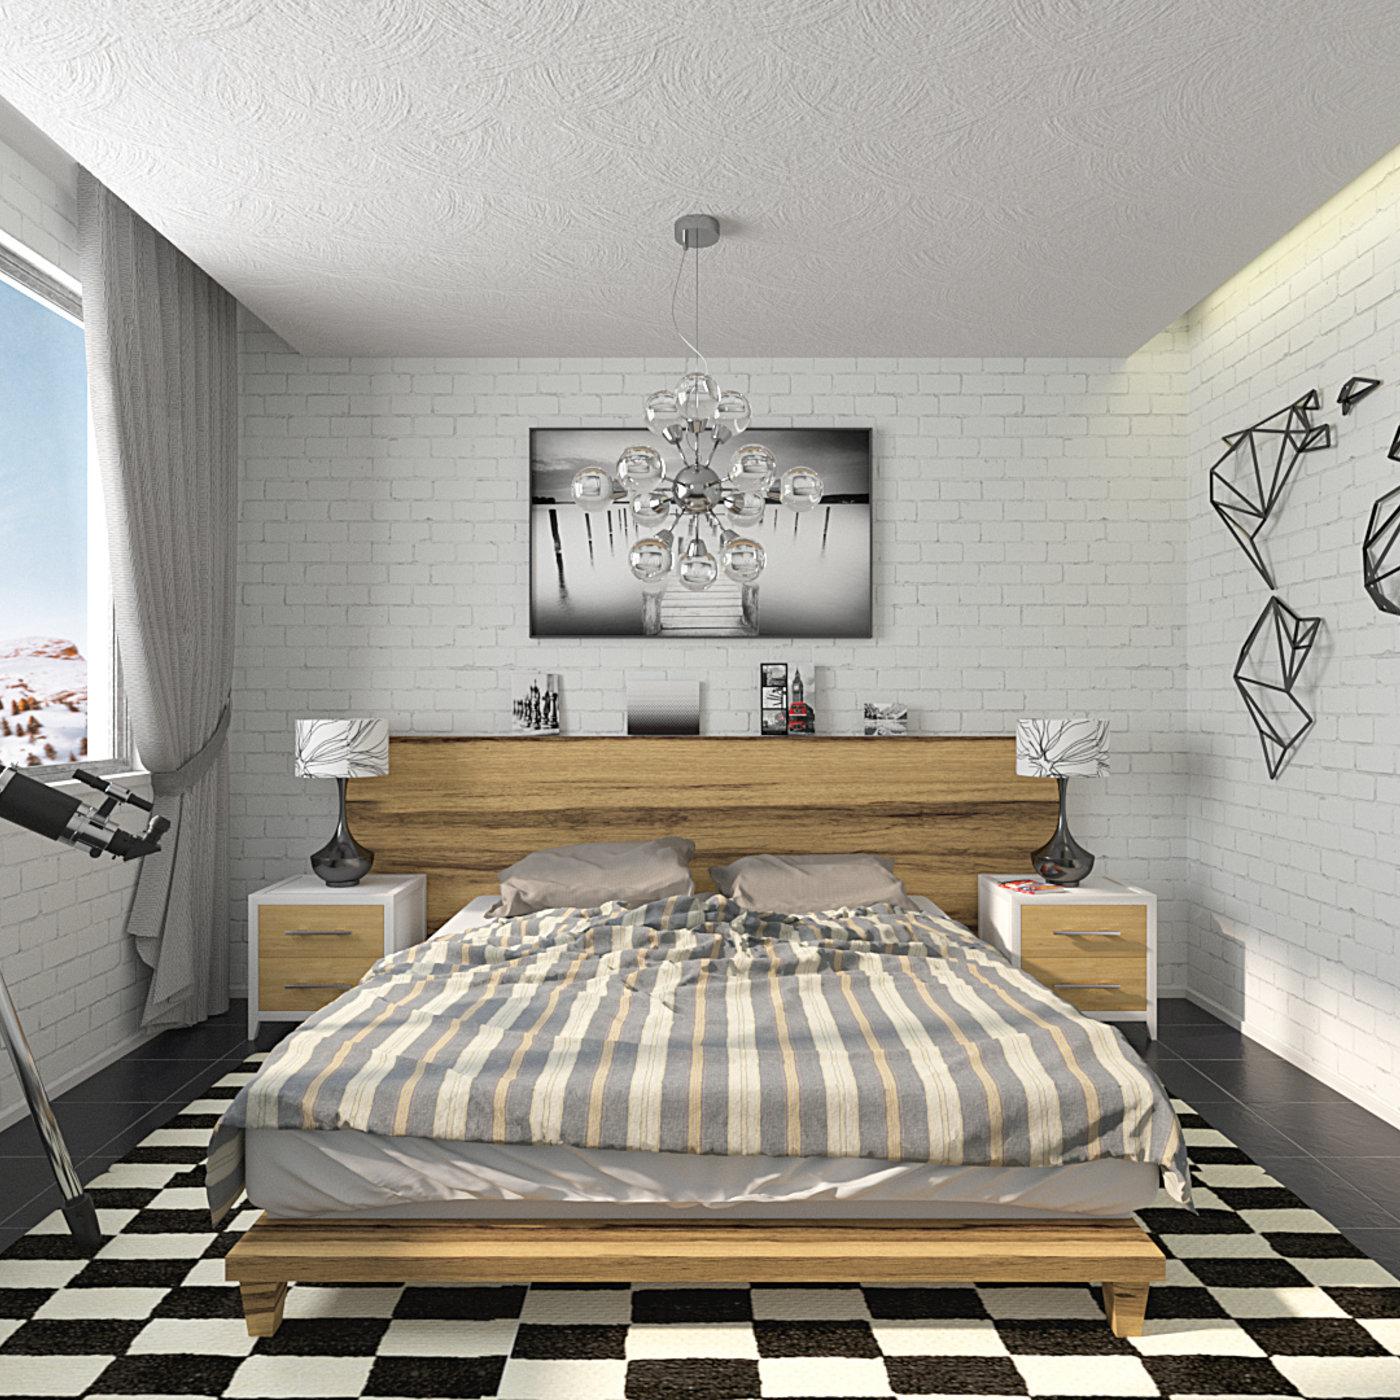 Bedroom (Blender + Octane)